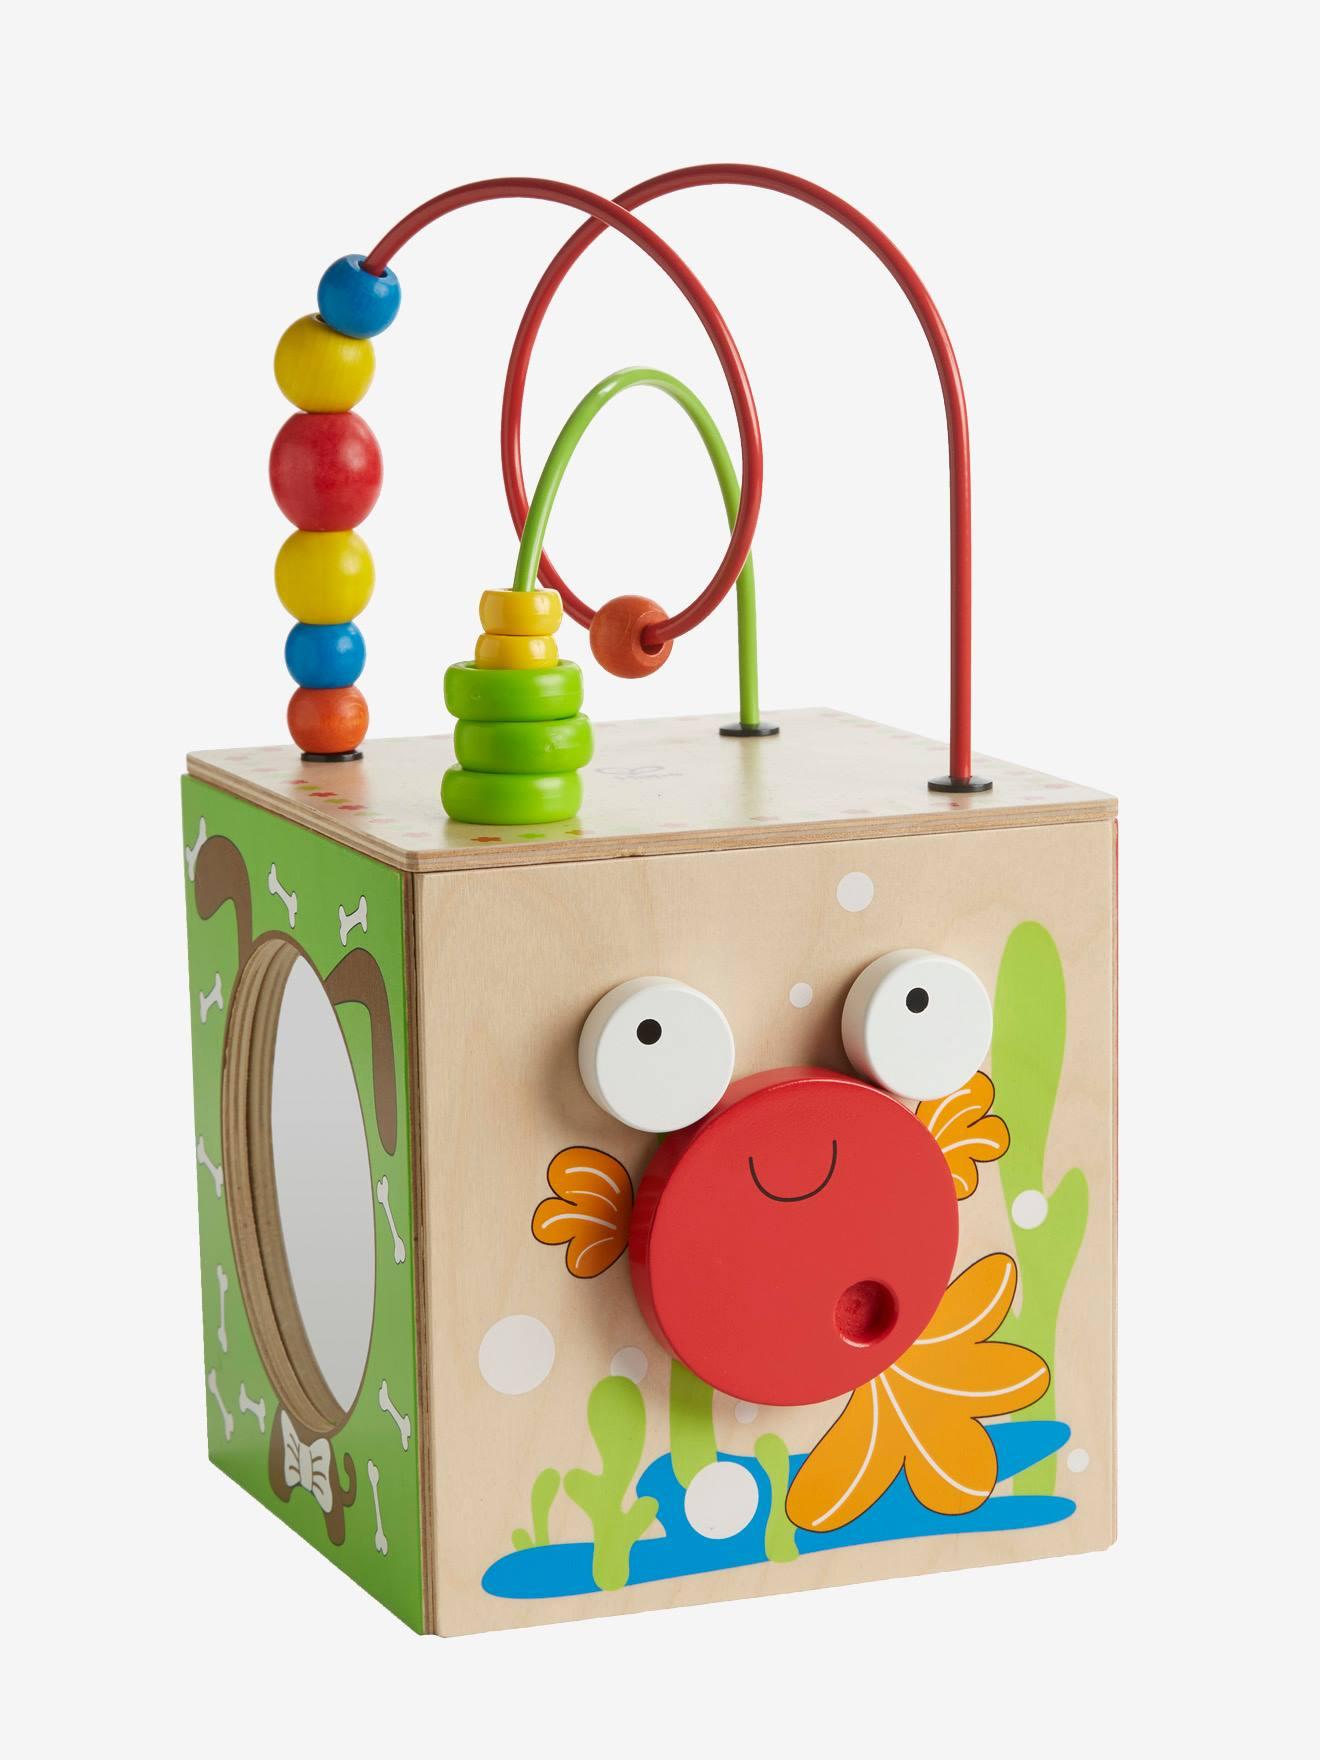 Jouet en bois pour enfant Hape Grand Cube d'Activités